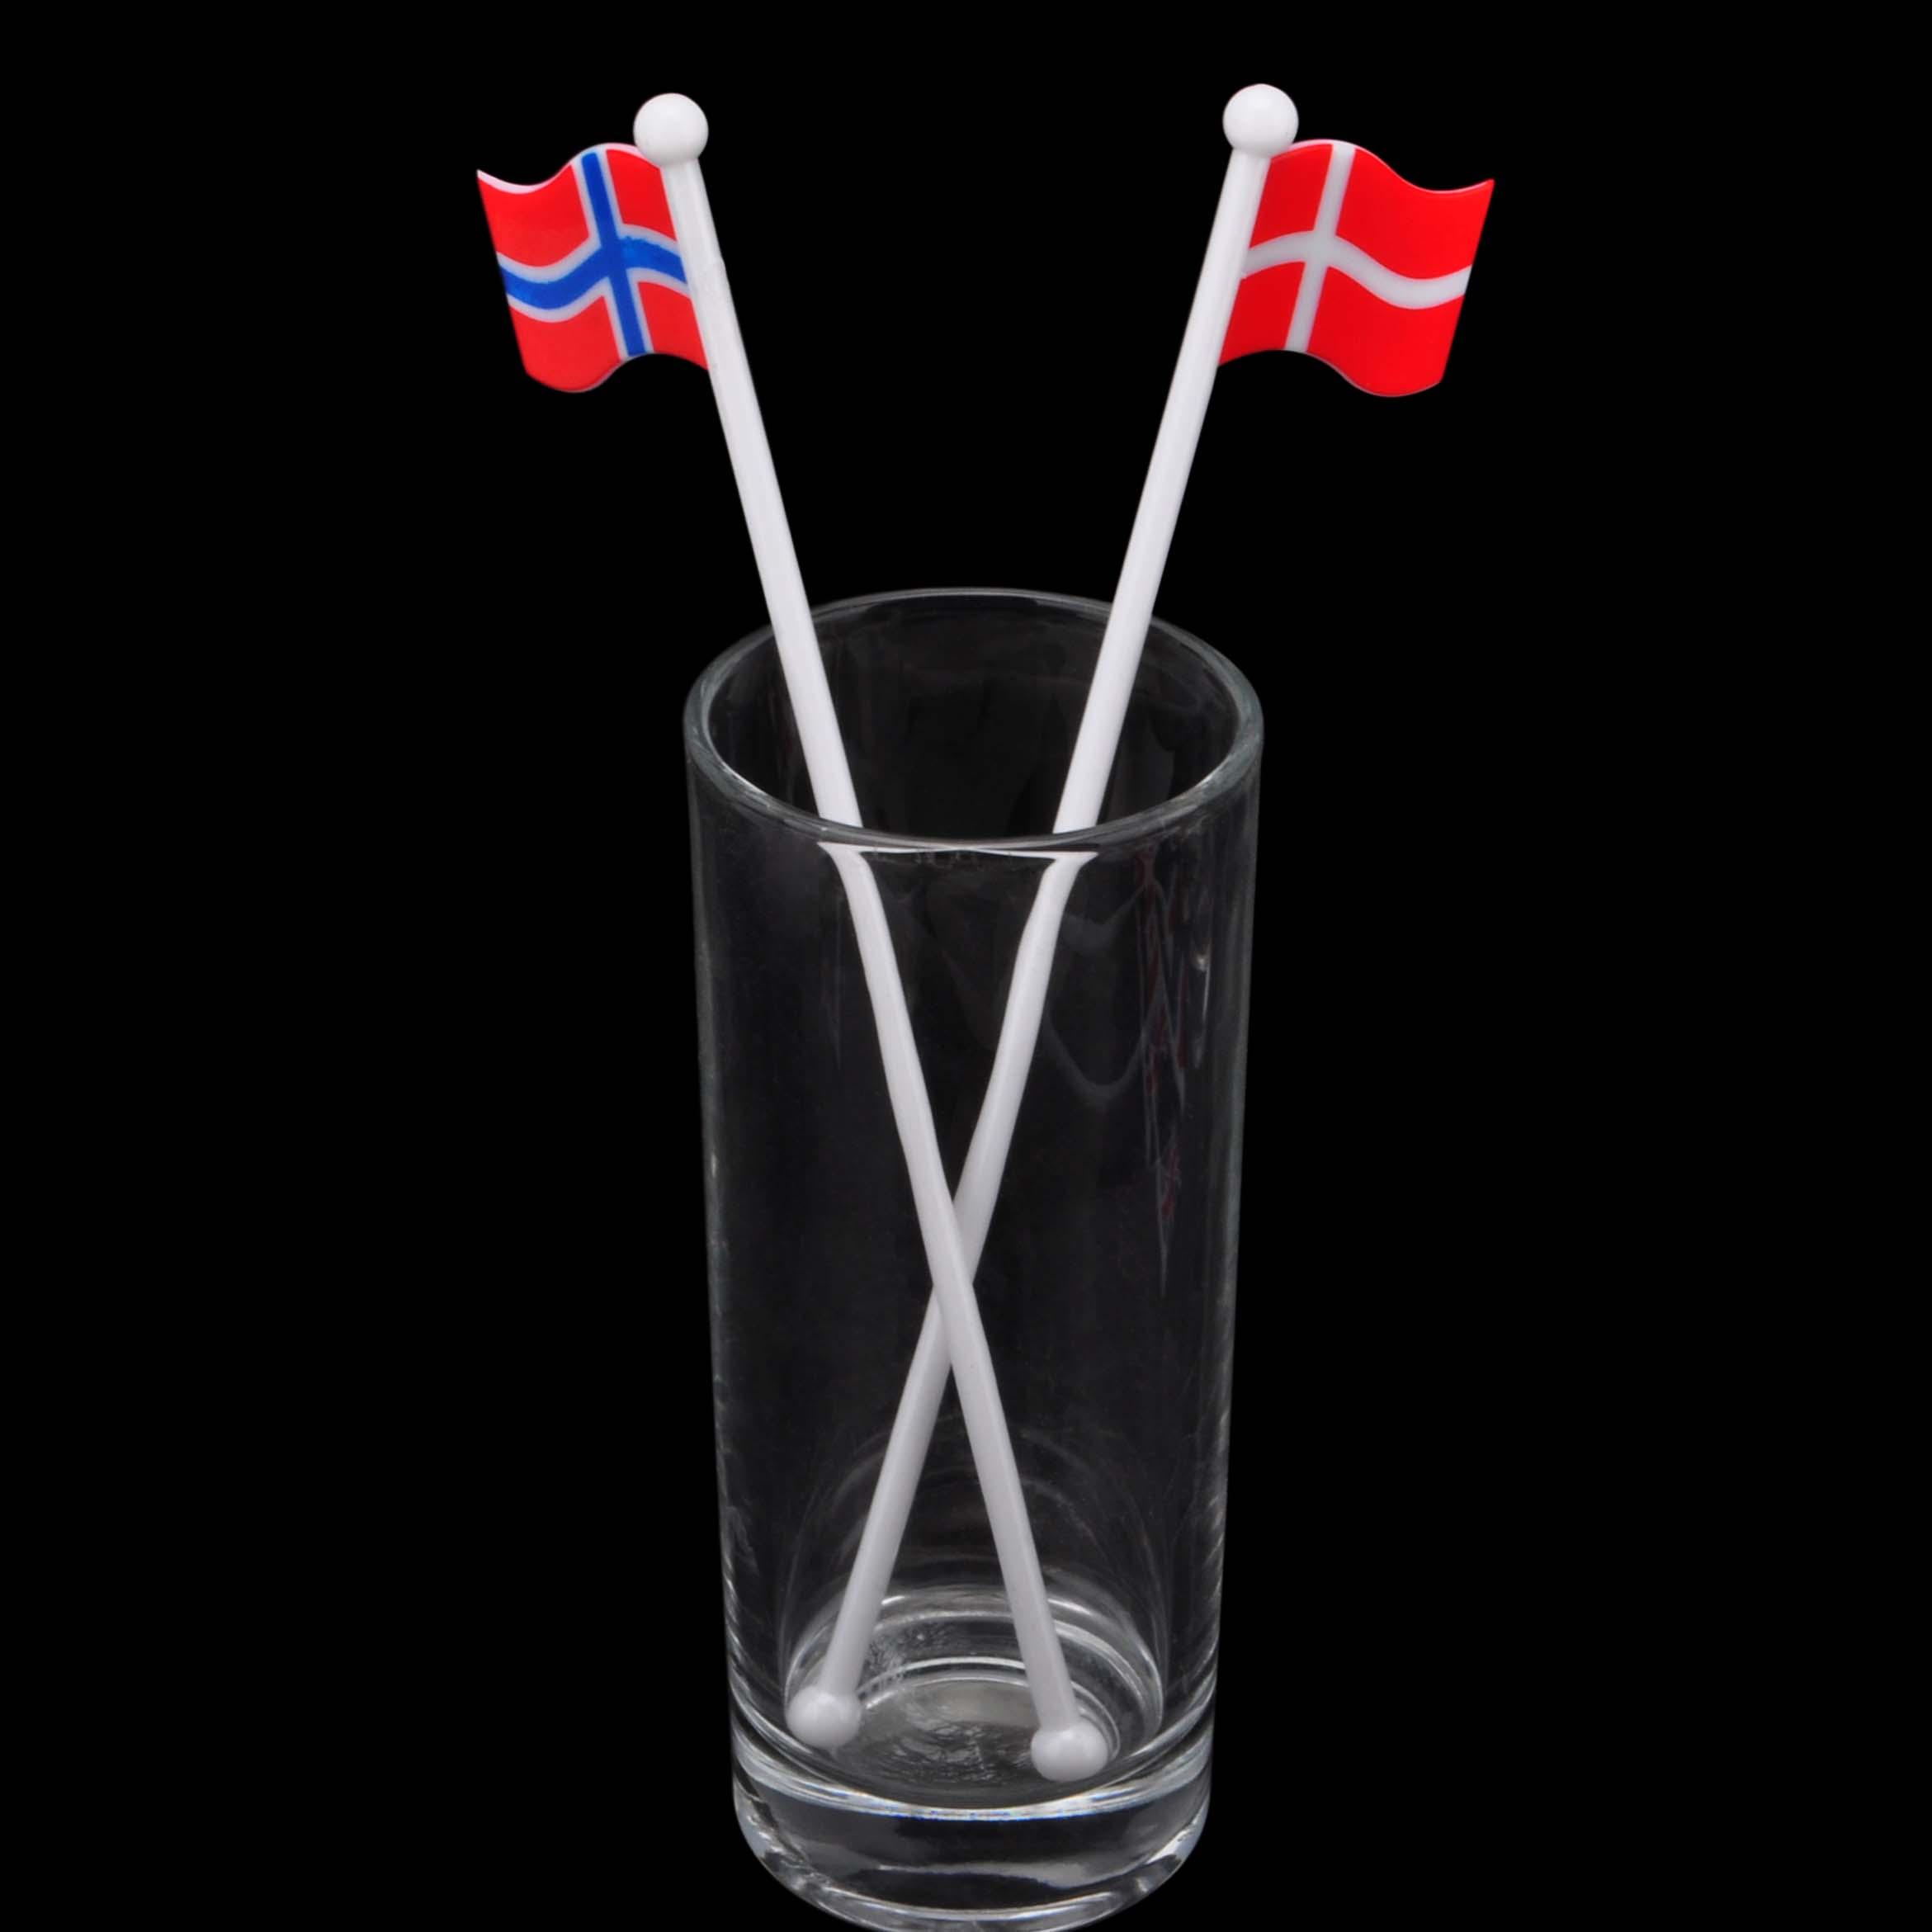 莱珍斯创意国旗款饮料咖啡奶茶鸡尾酒搅拌棒国旗棒特饮调酒棒